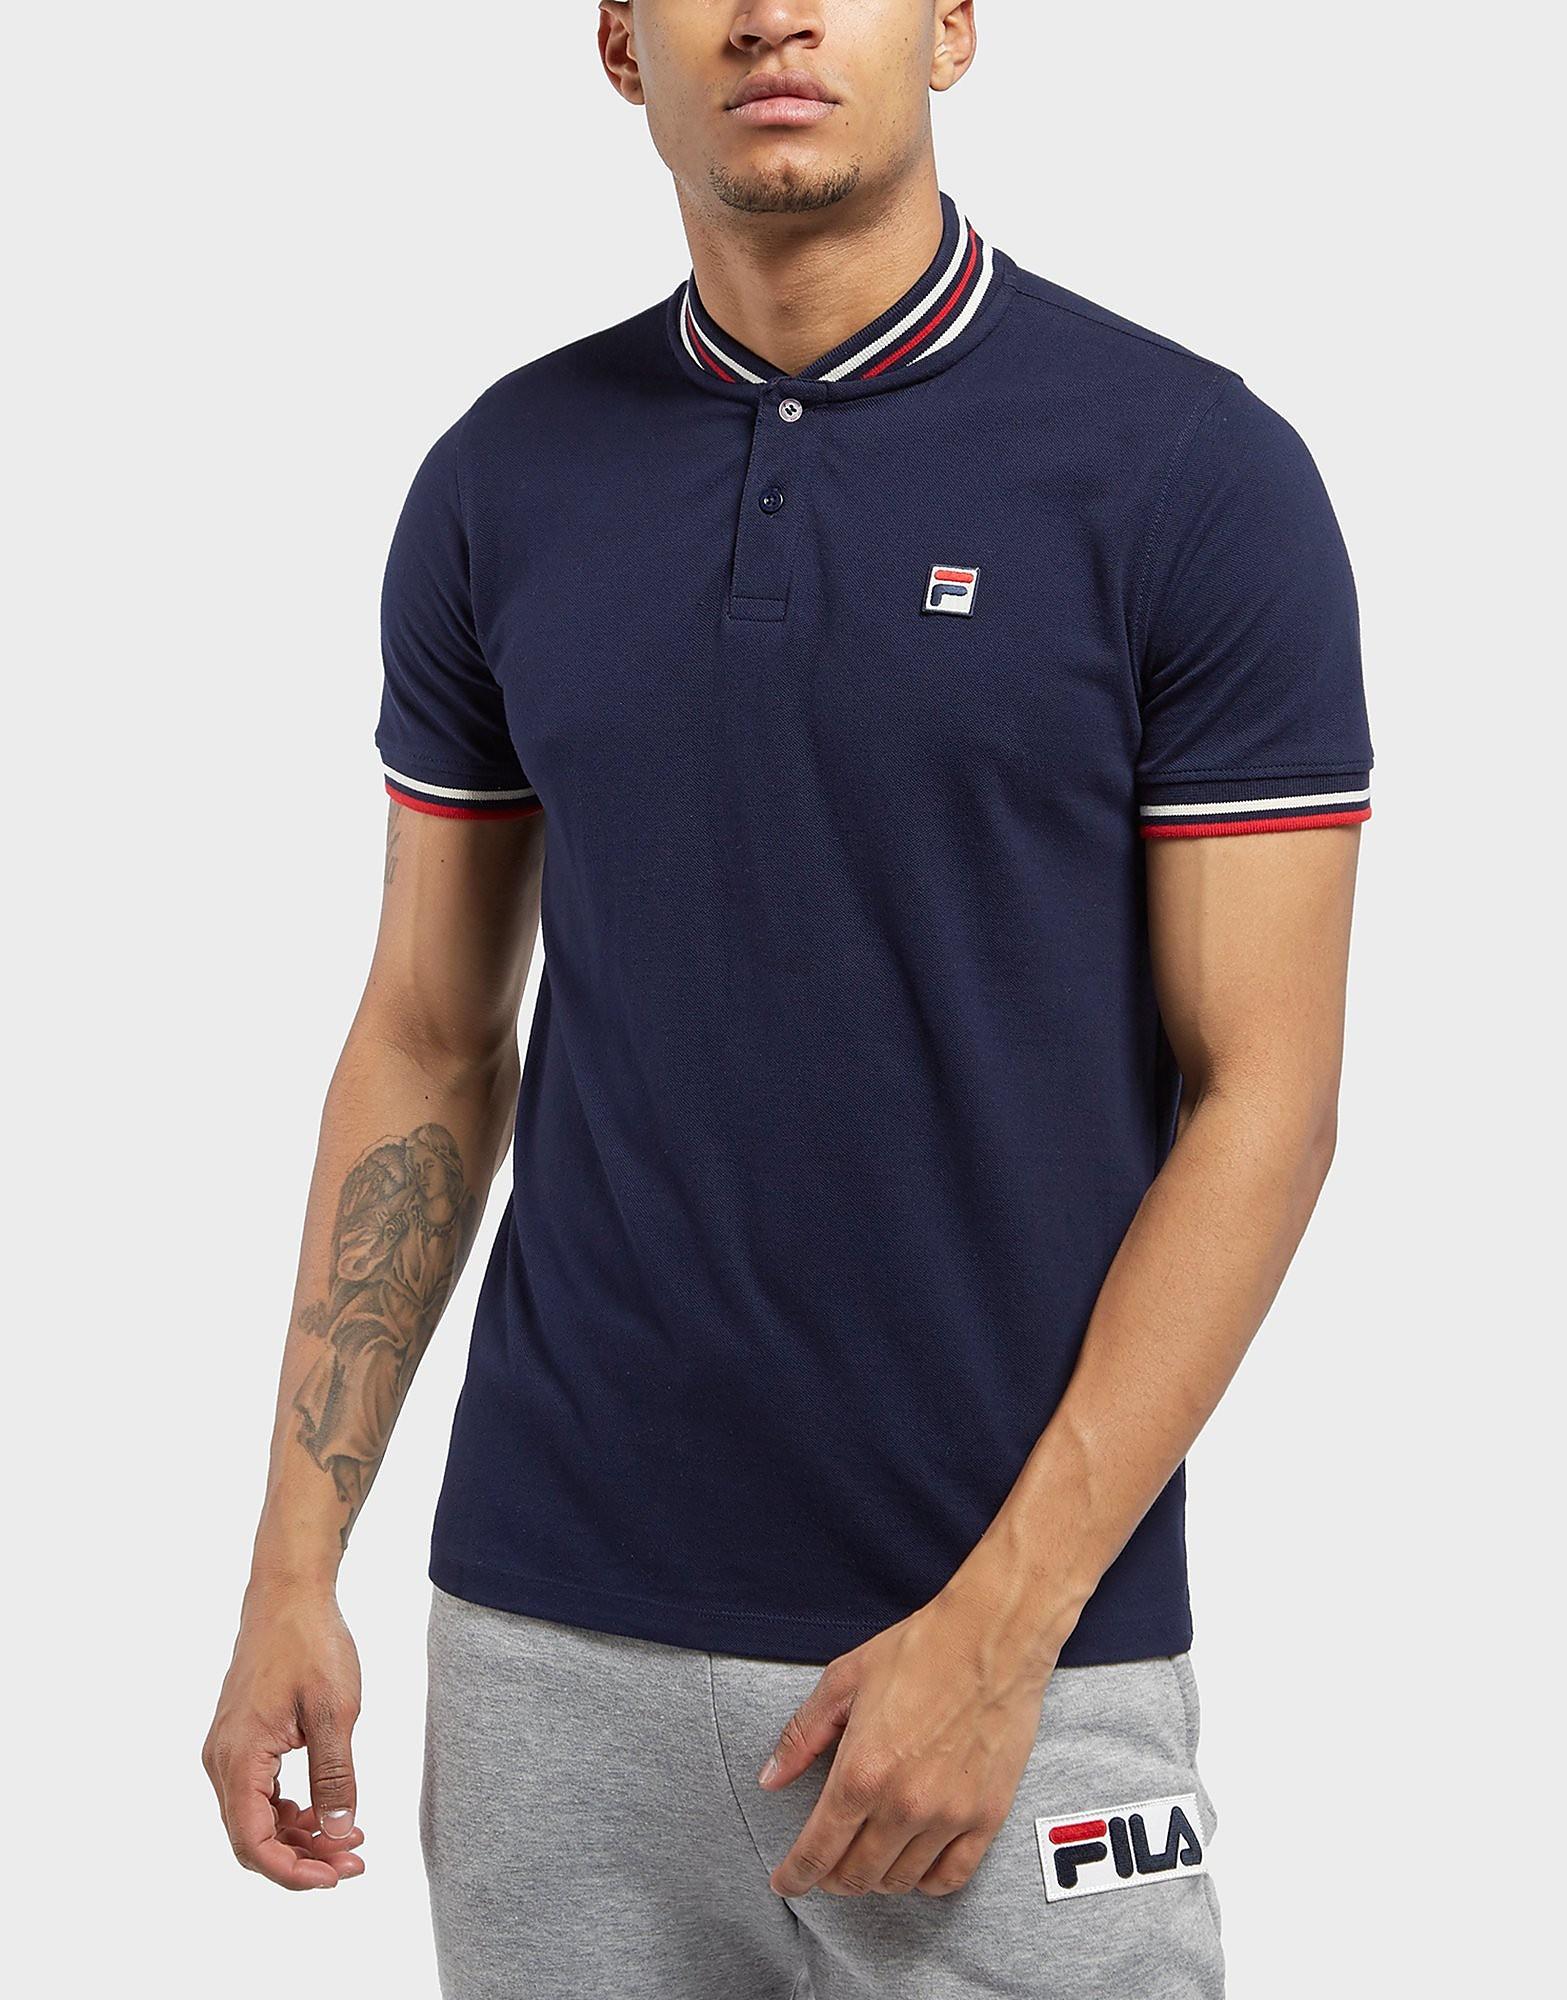 Fila Skipper Short Sleeve Bomber Polo Shirt